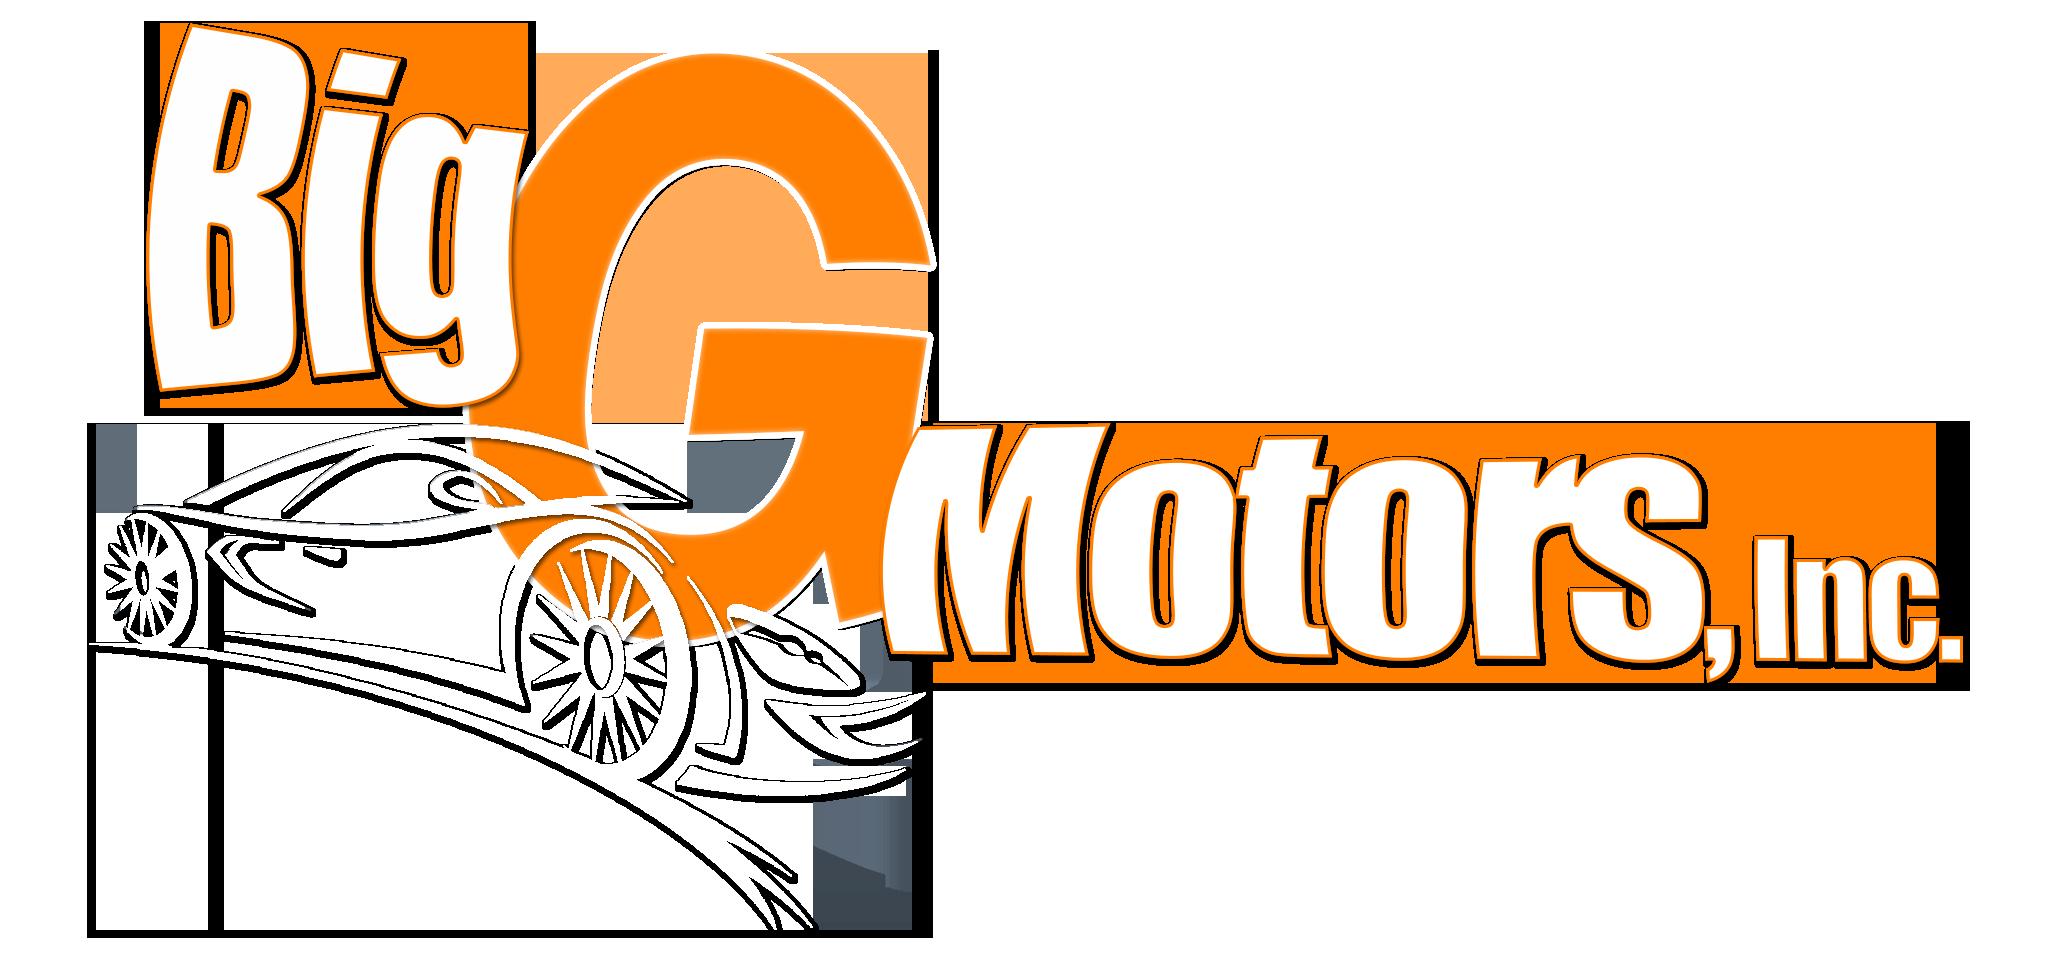 Big G Motors